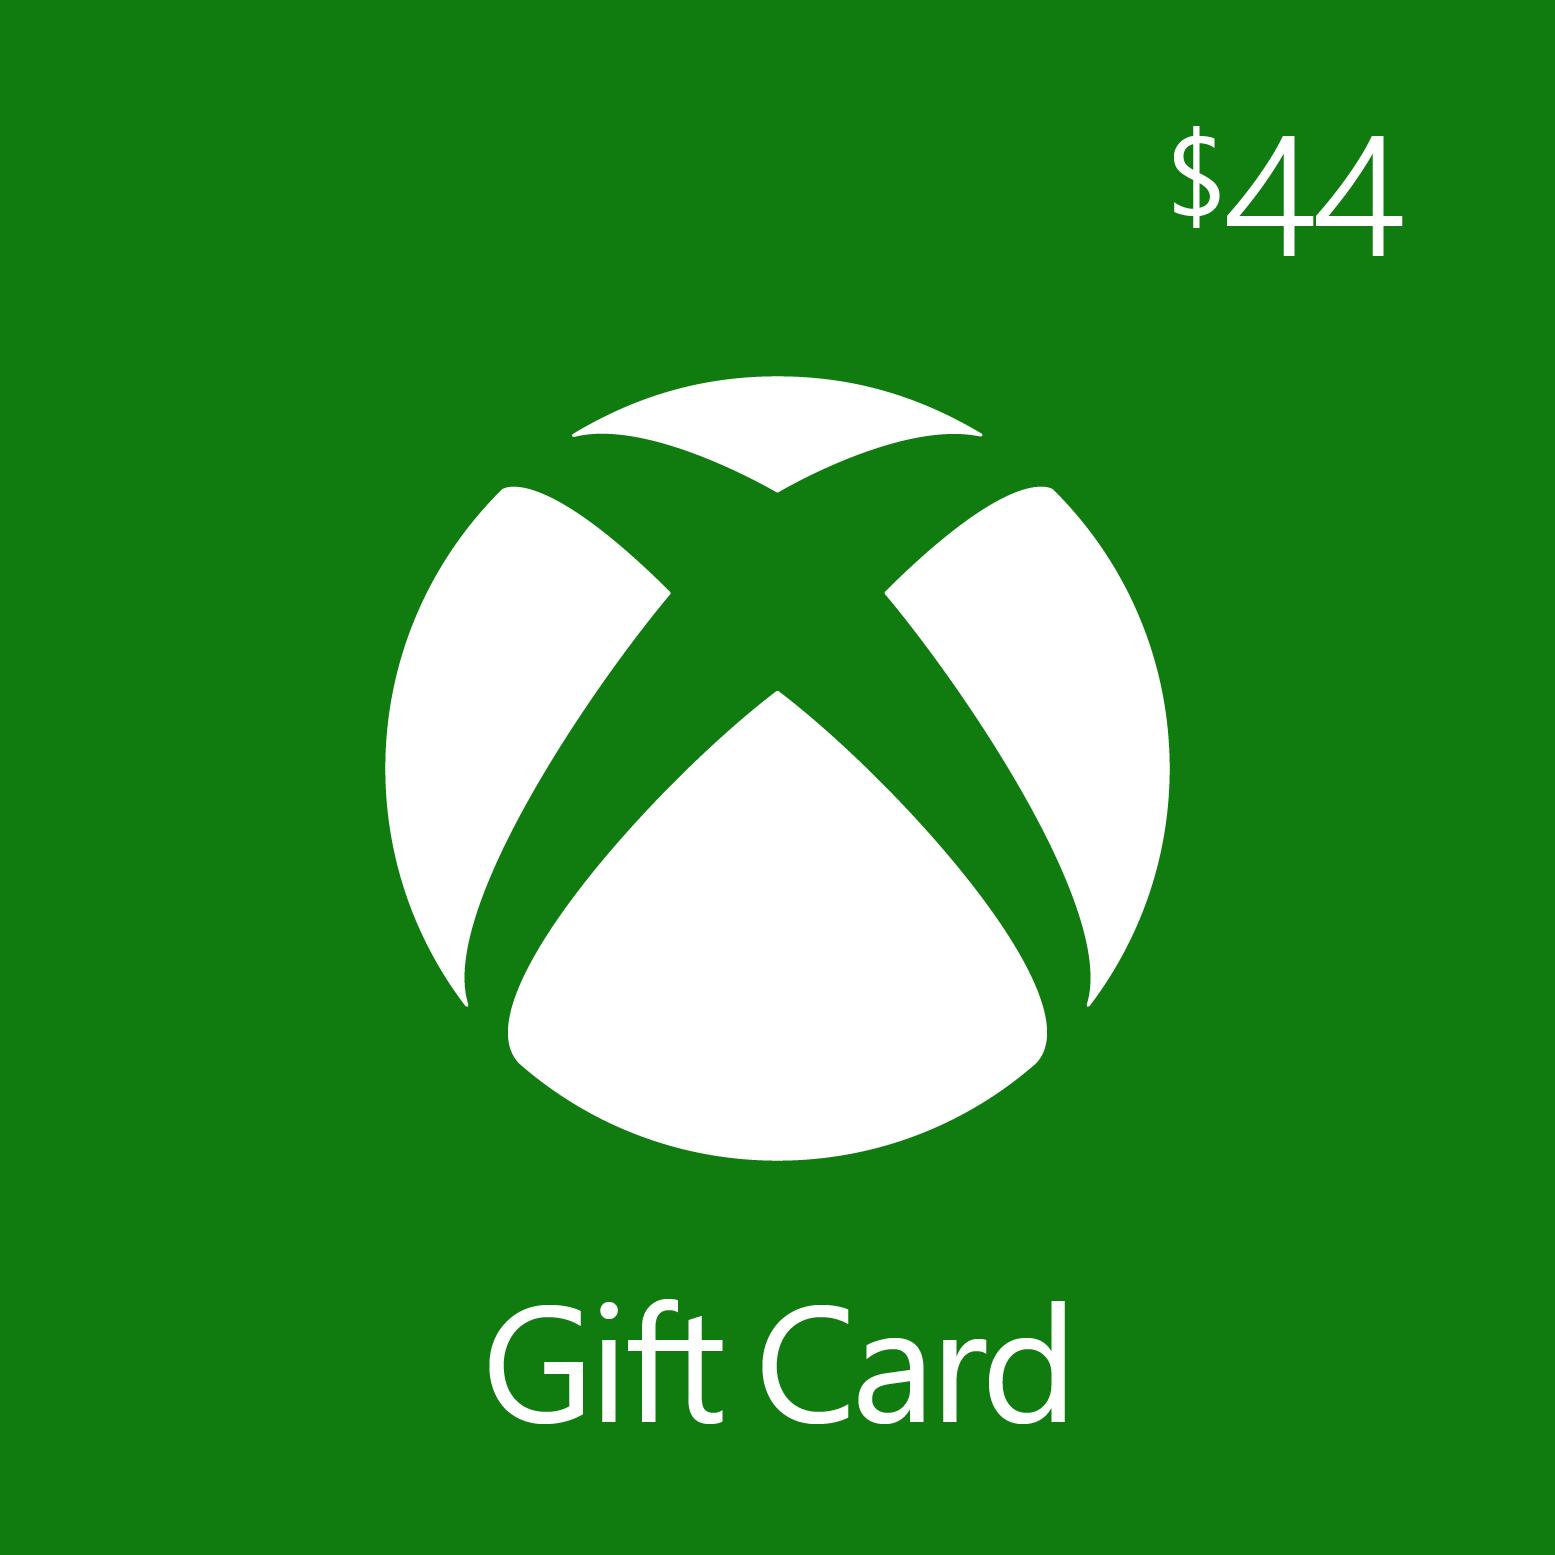 $44.00 Xbox Digital Gift Card